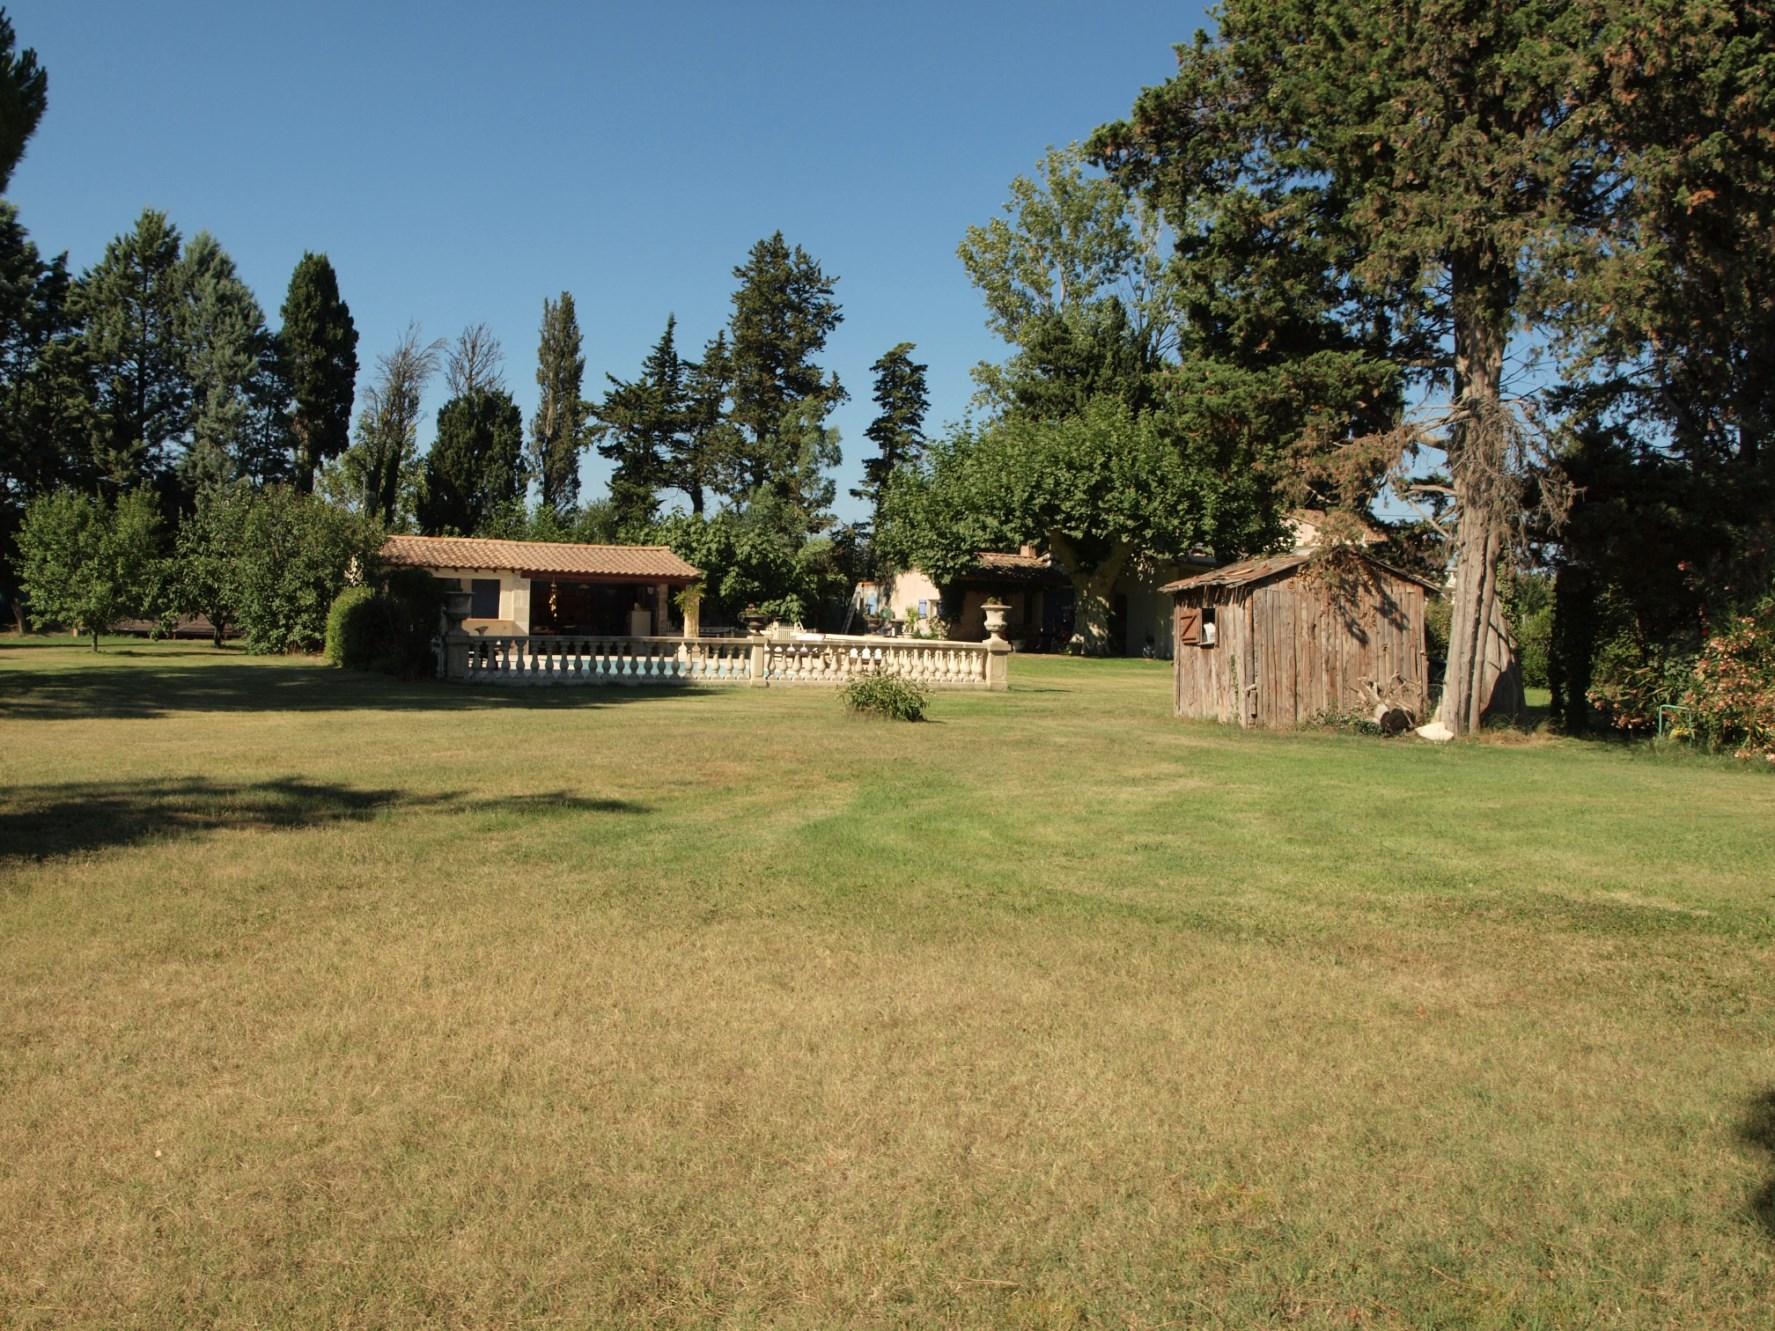 Maison à vendre entre Luberon et Alpilles en Provence